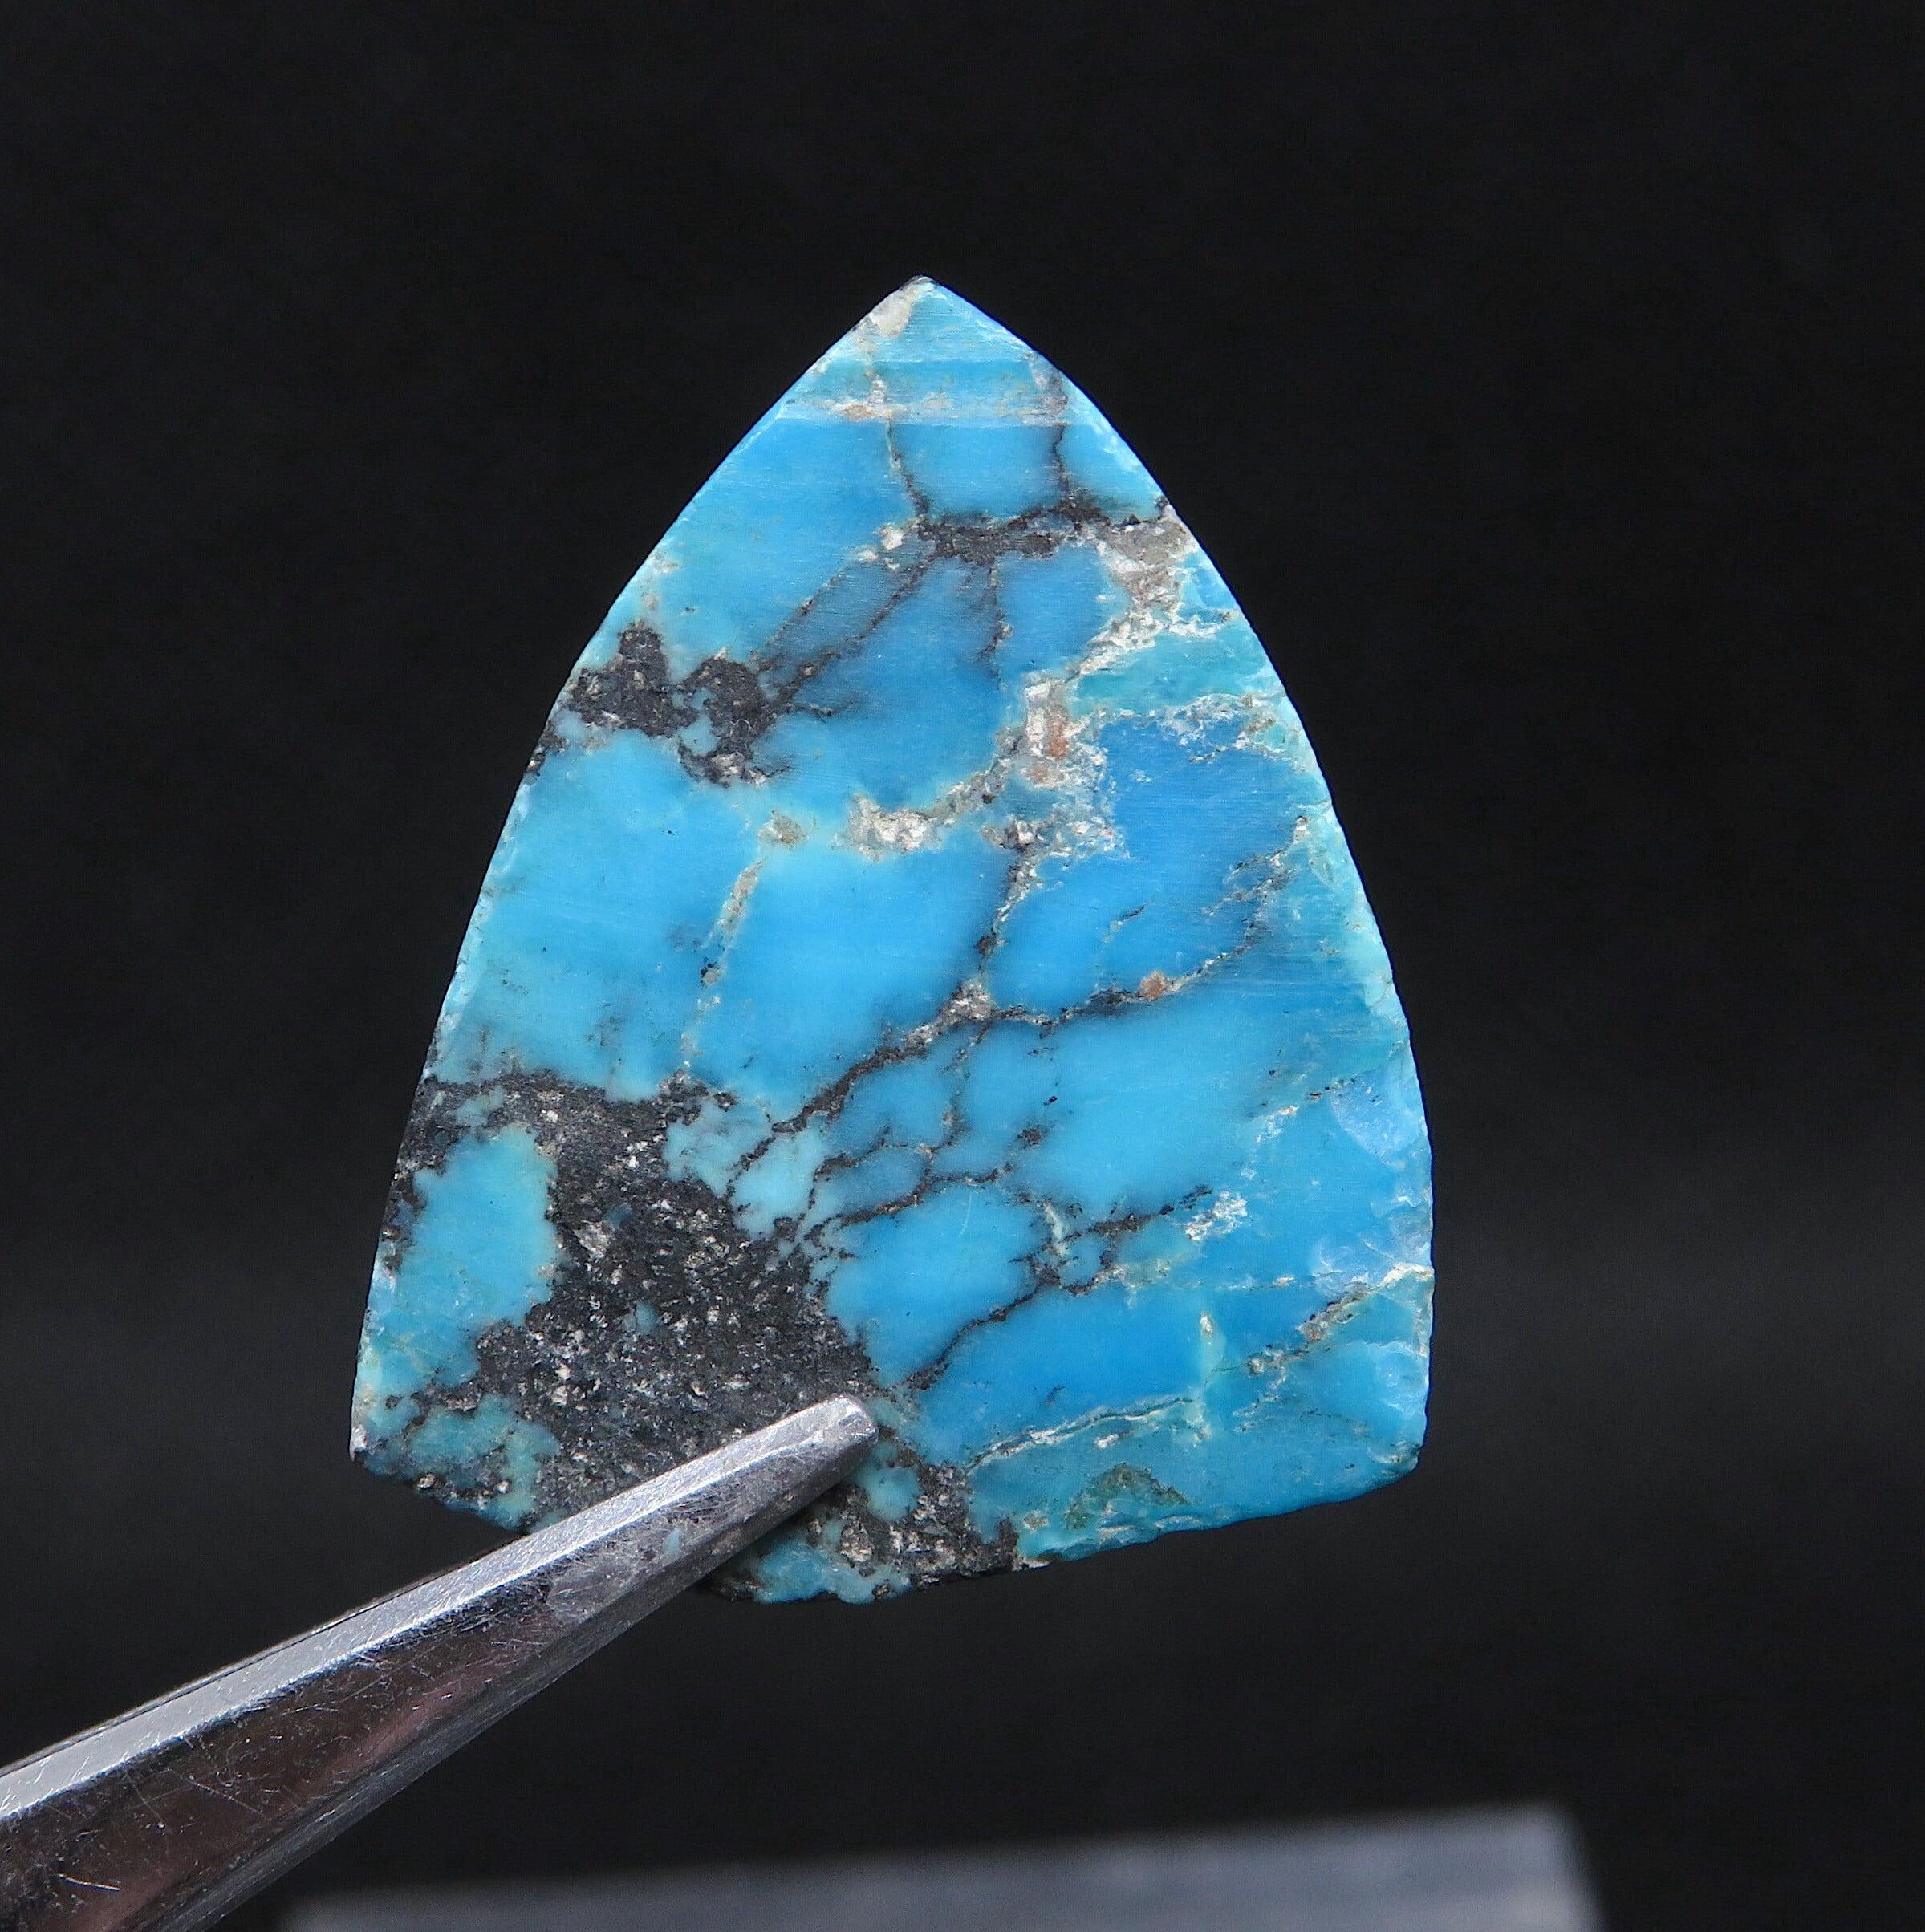 アメリカ産 ターコイズ トルコ石 4,1g TQ178 原石 鉱物 天然石 パワーストーン